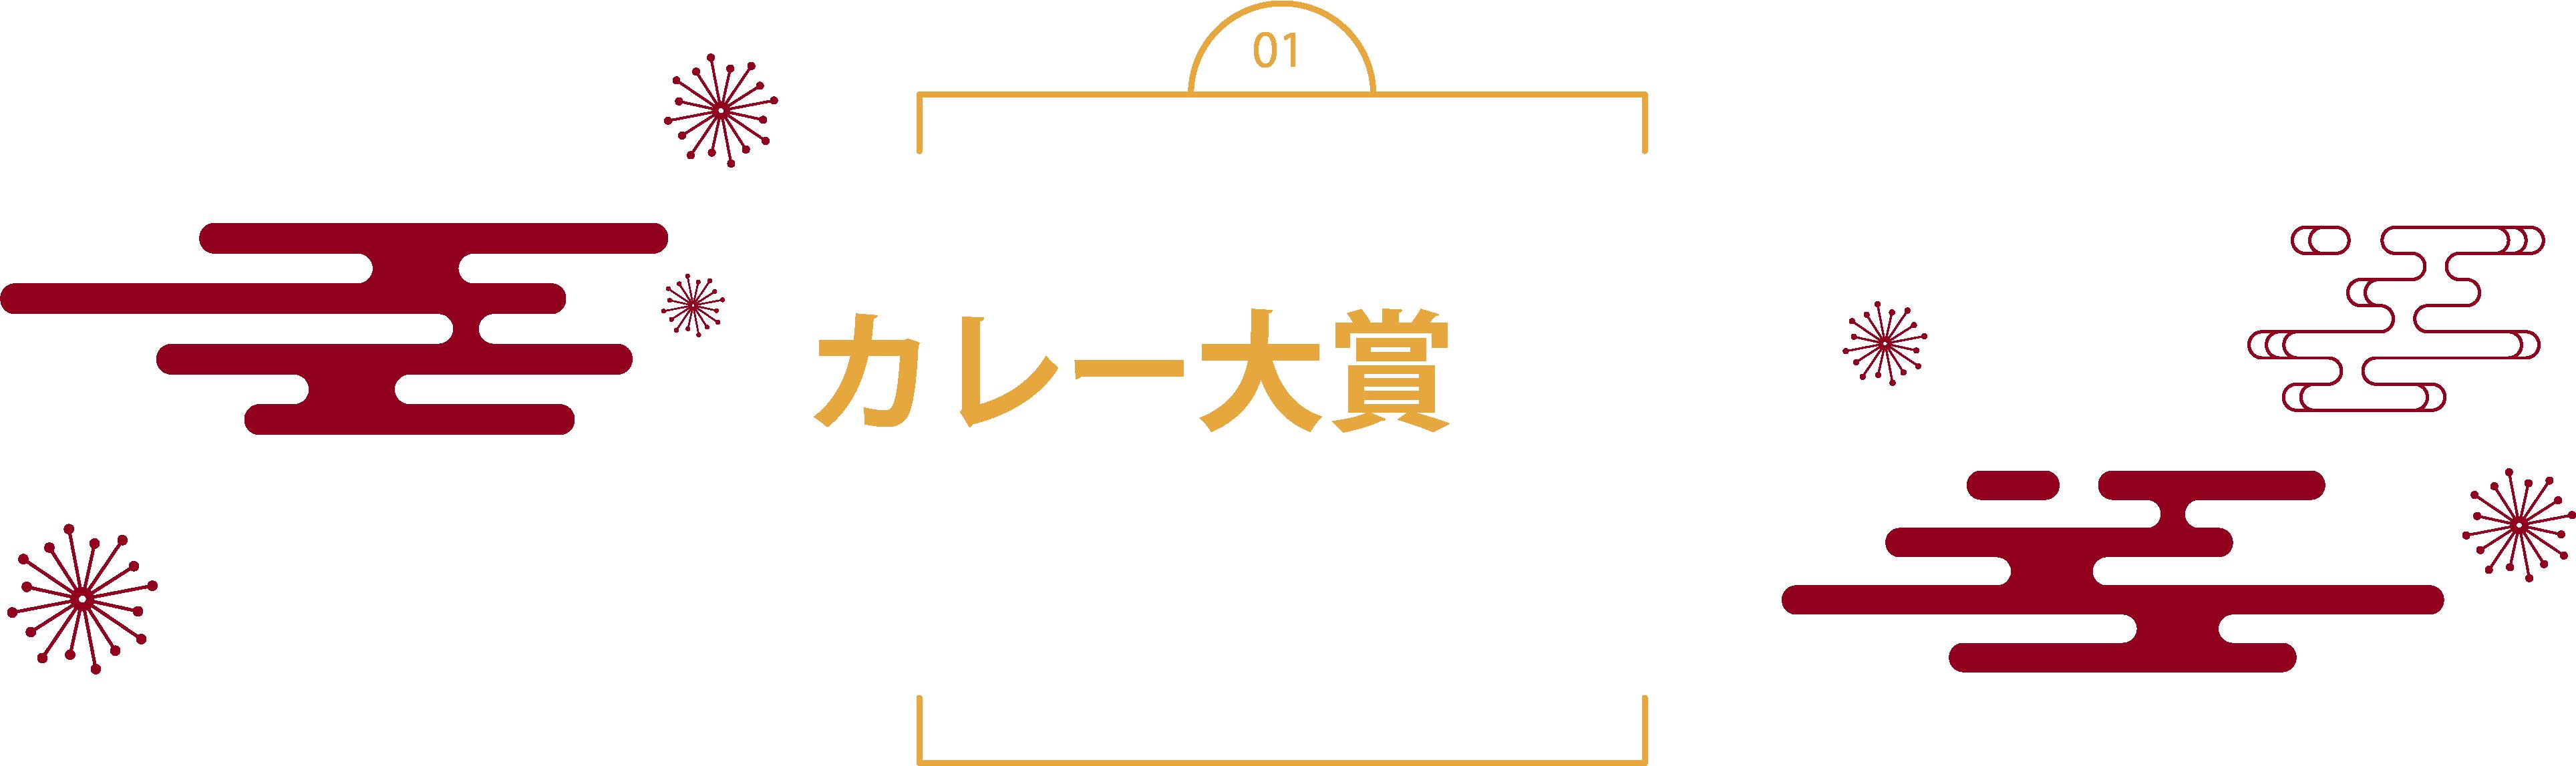 北野エーススタッフが選ぶカレー大賞セット 5,800円(税込)